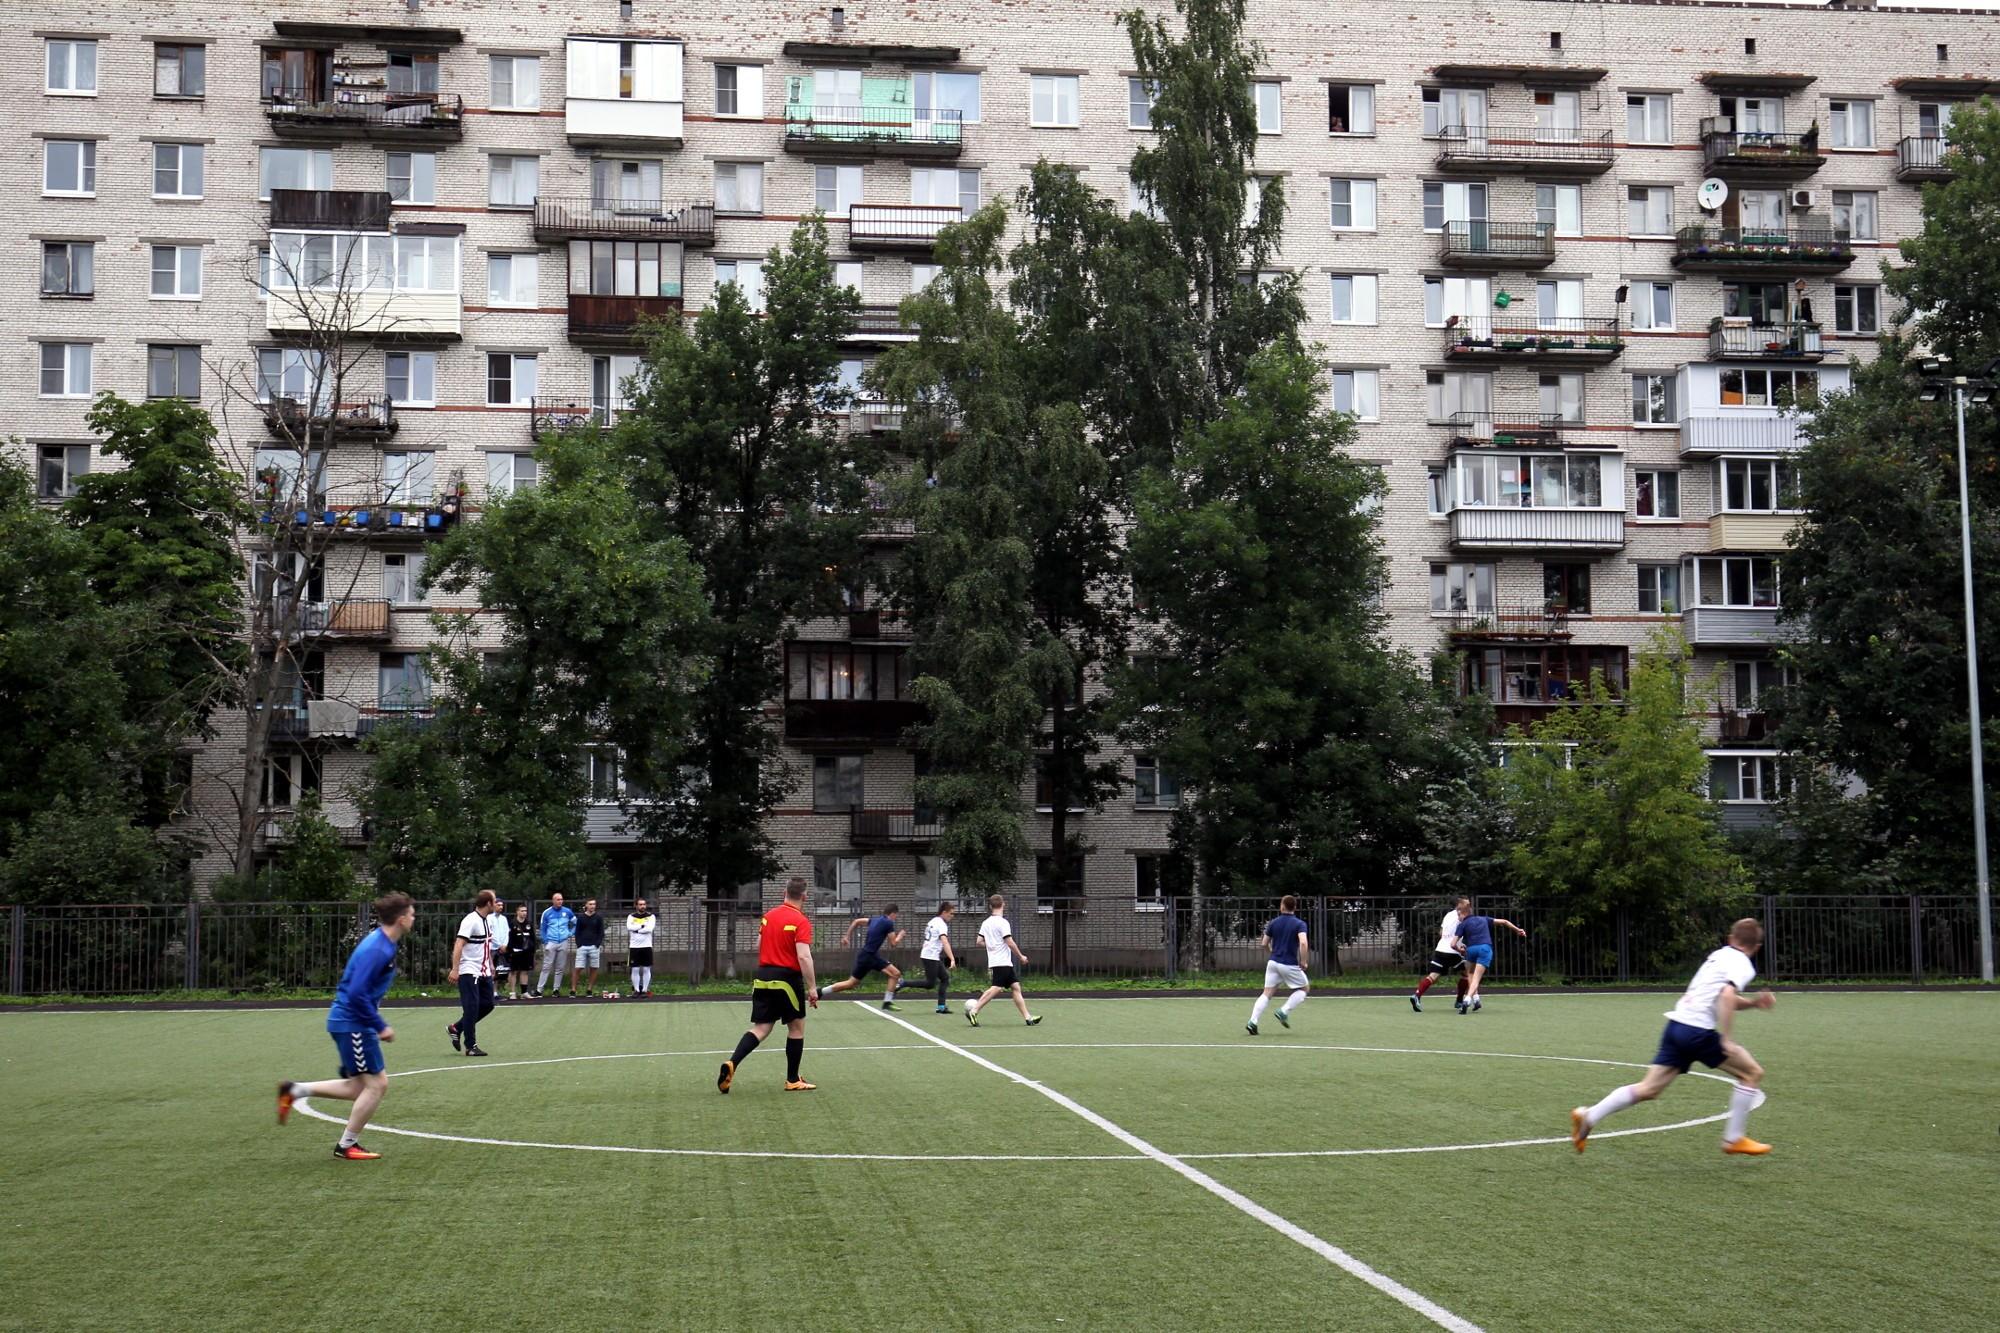 футбол дворовый картинки